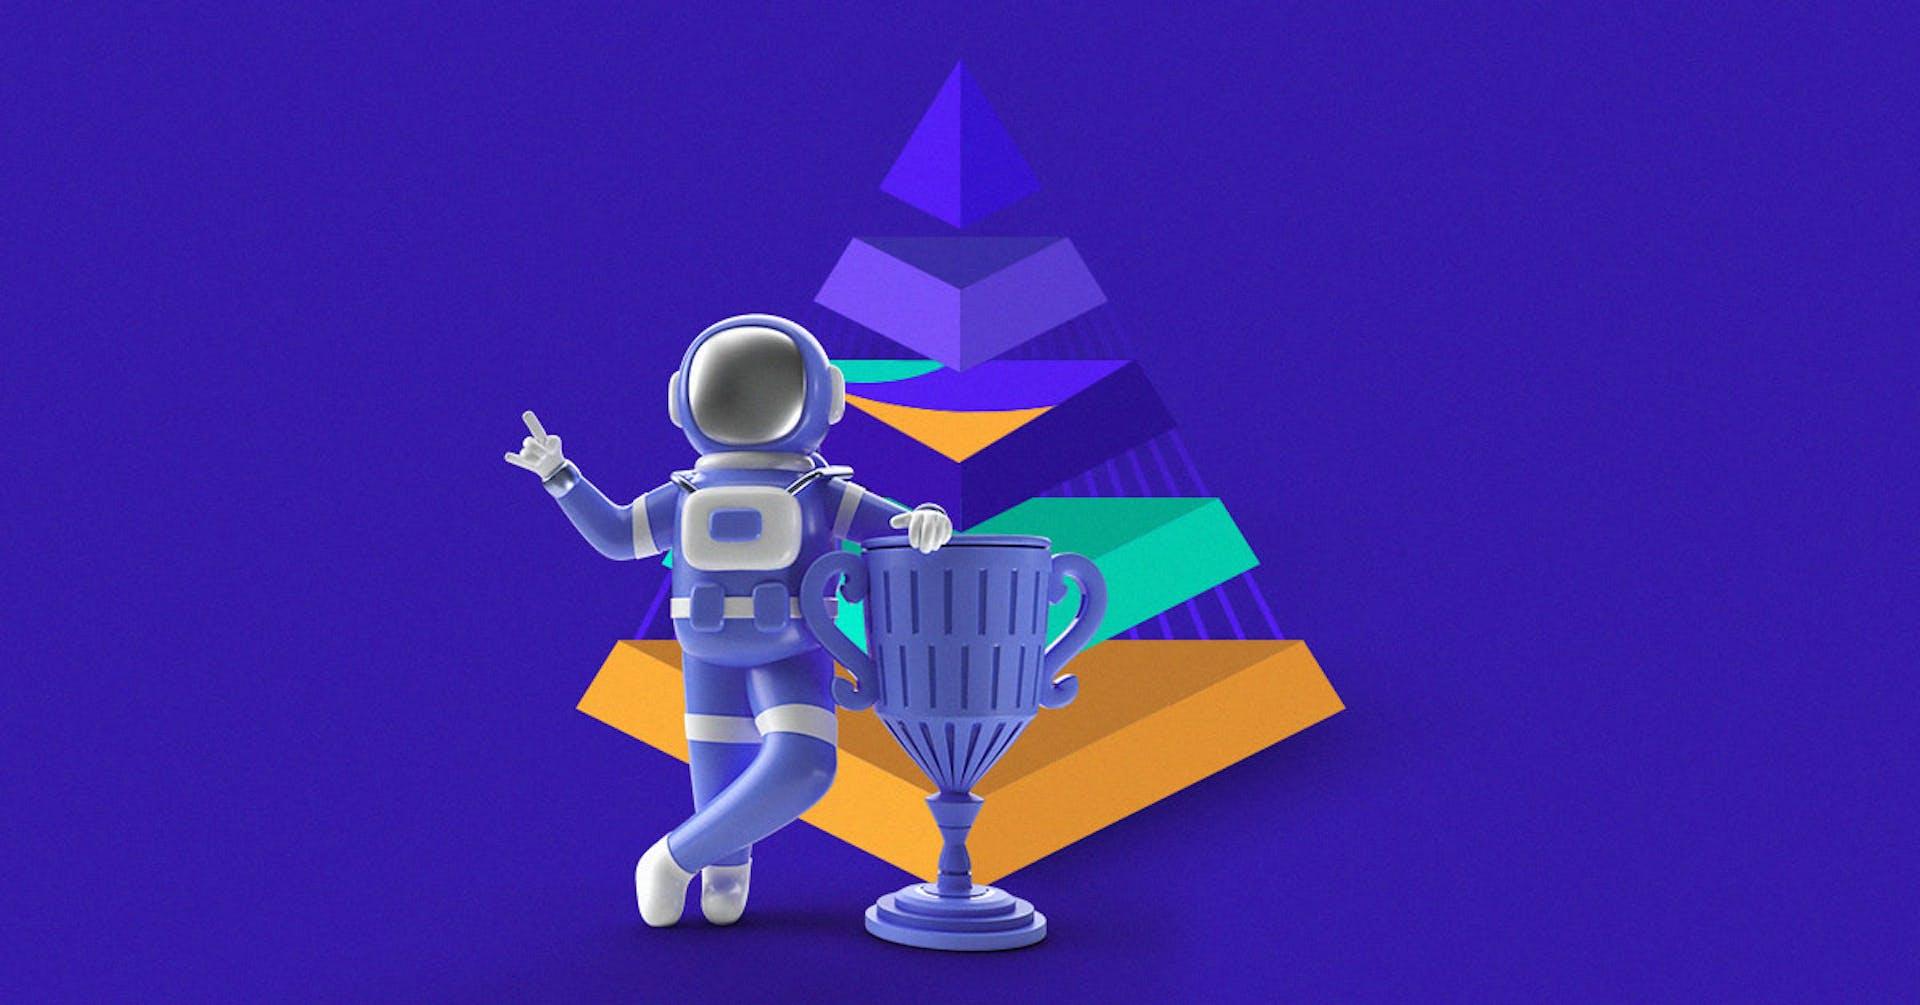 Ejemplos de la pirámide de Maslow: descubre las bases de la motivación humana